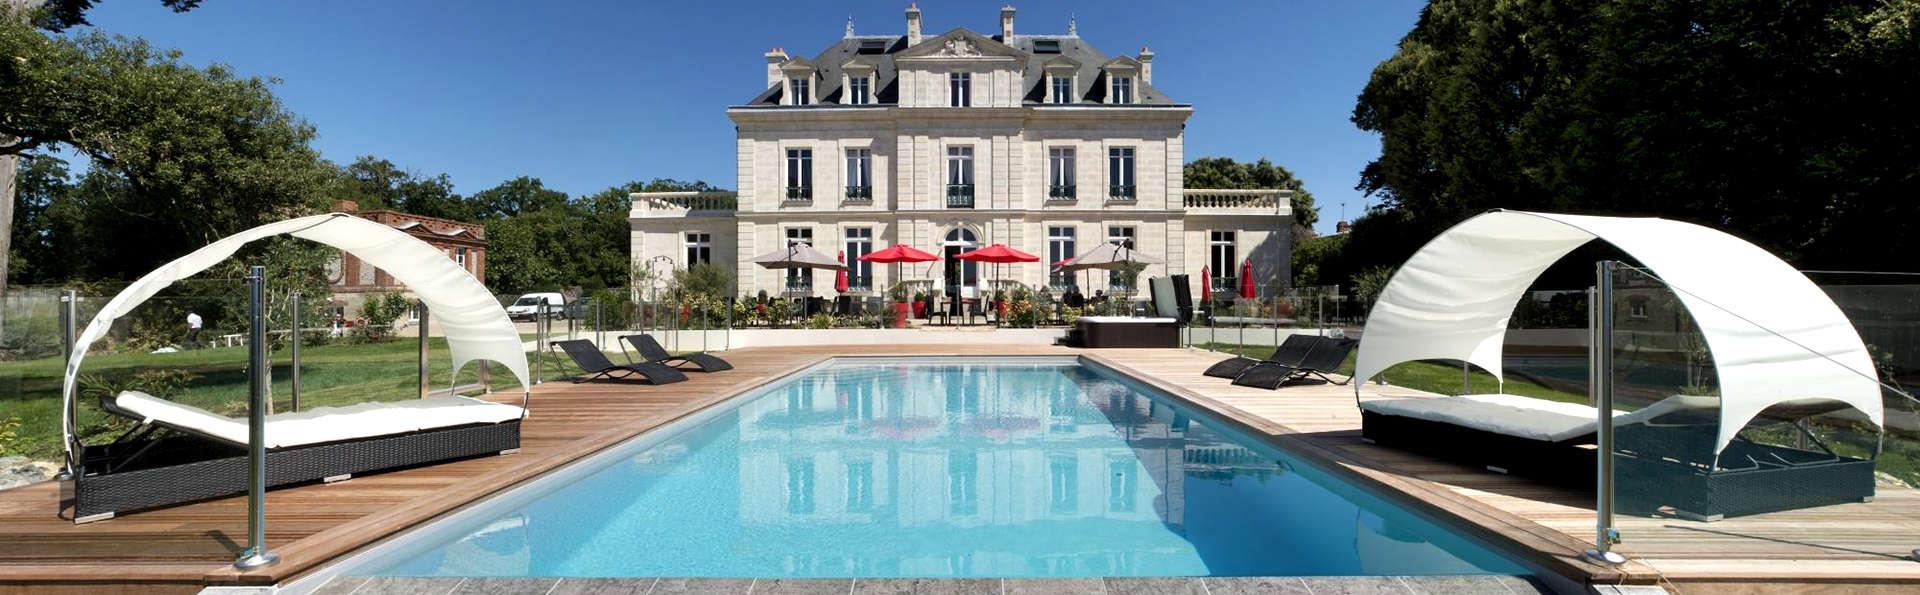 Château de la Gressière - Edit_Front2.jpg